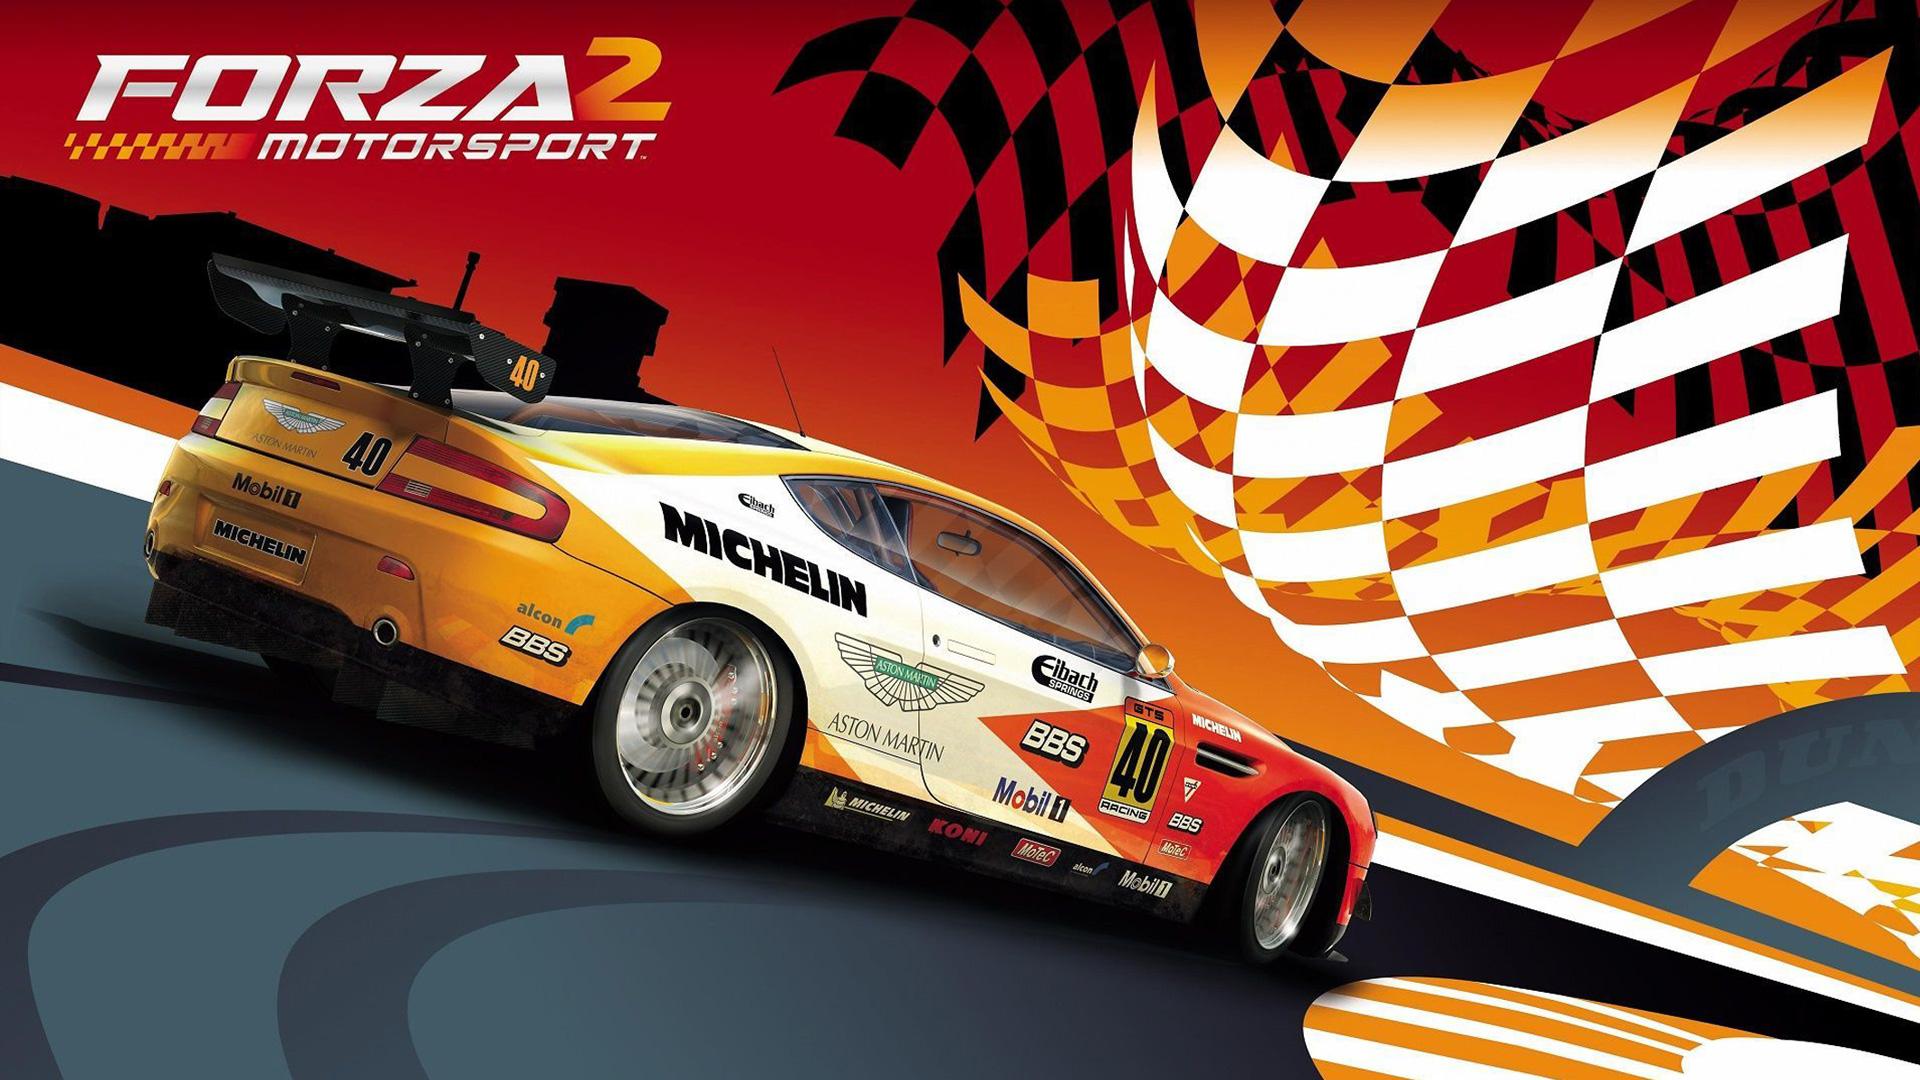 Forza Motorsport 2 Wallpaper in 1920x1080